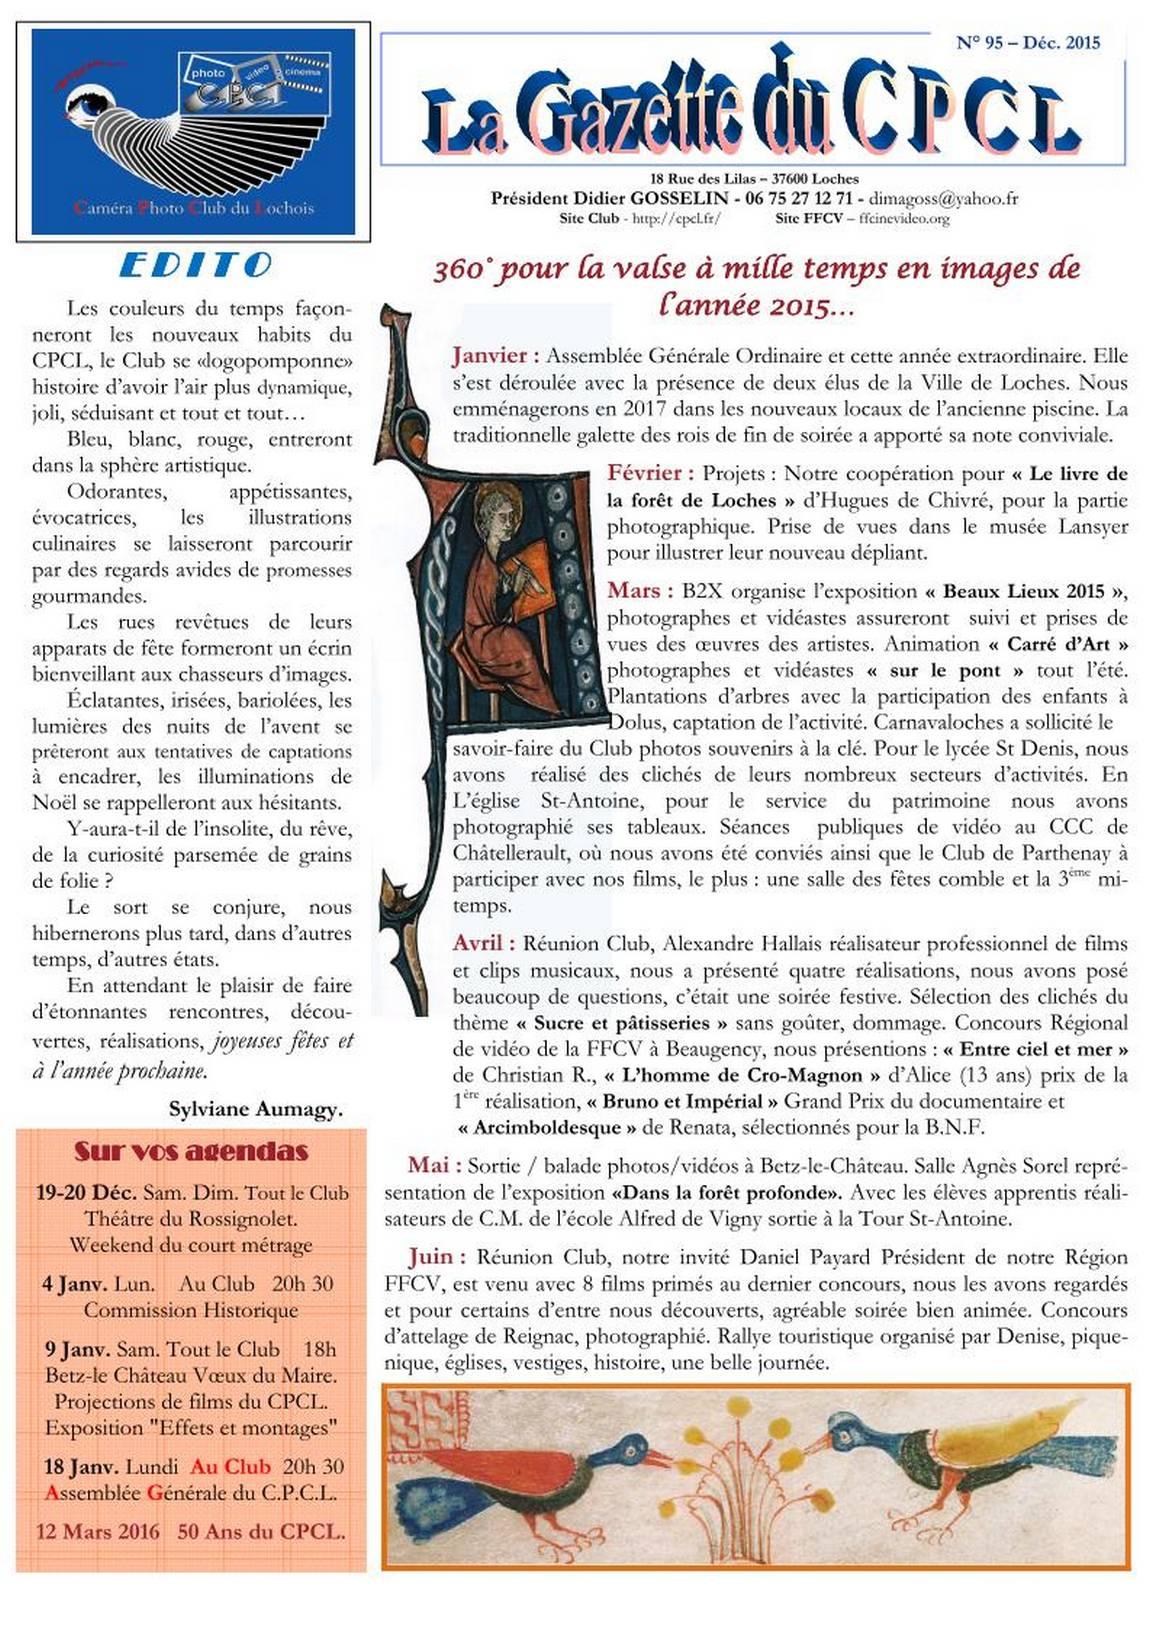 Gazette_n95_1150x1700_p1